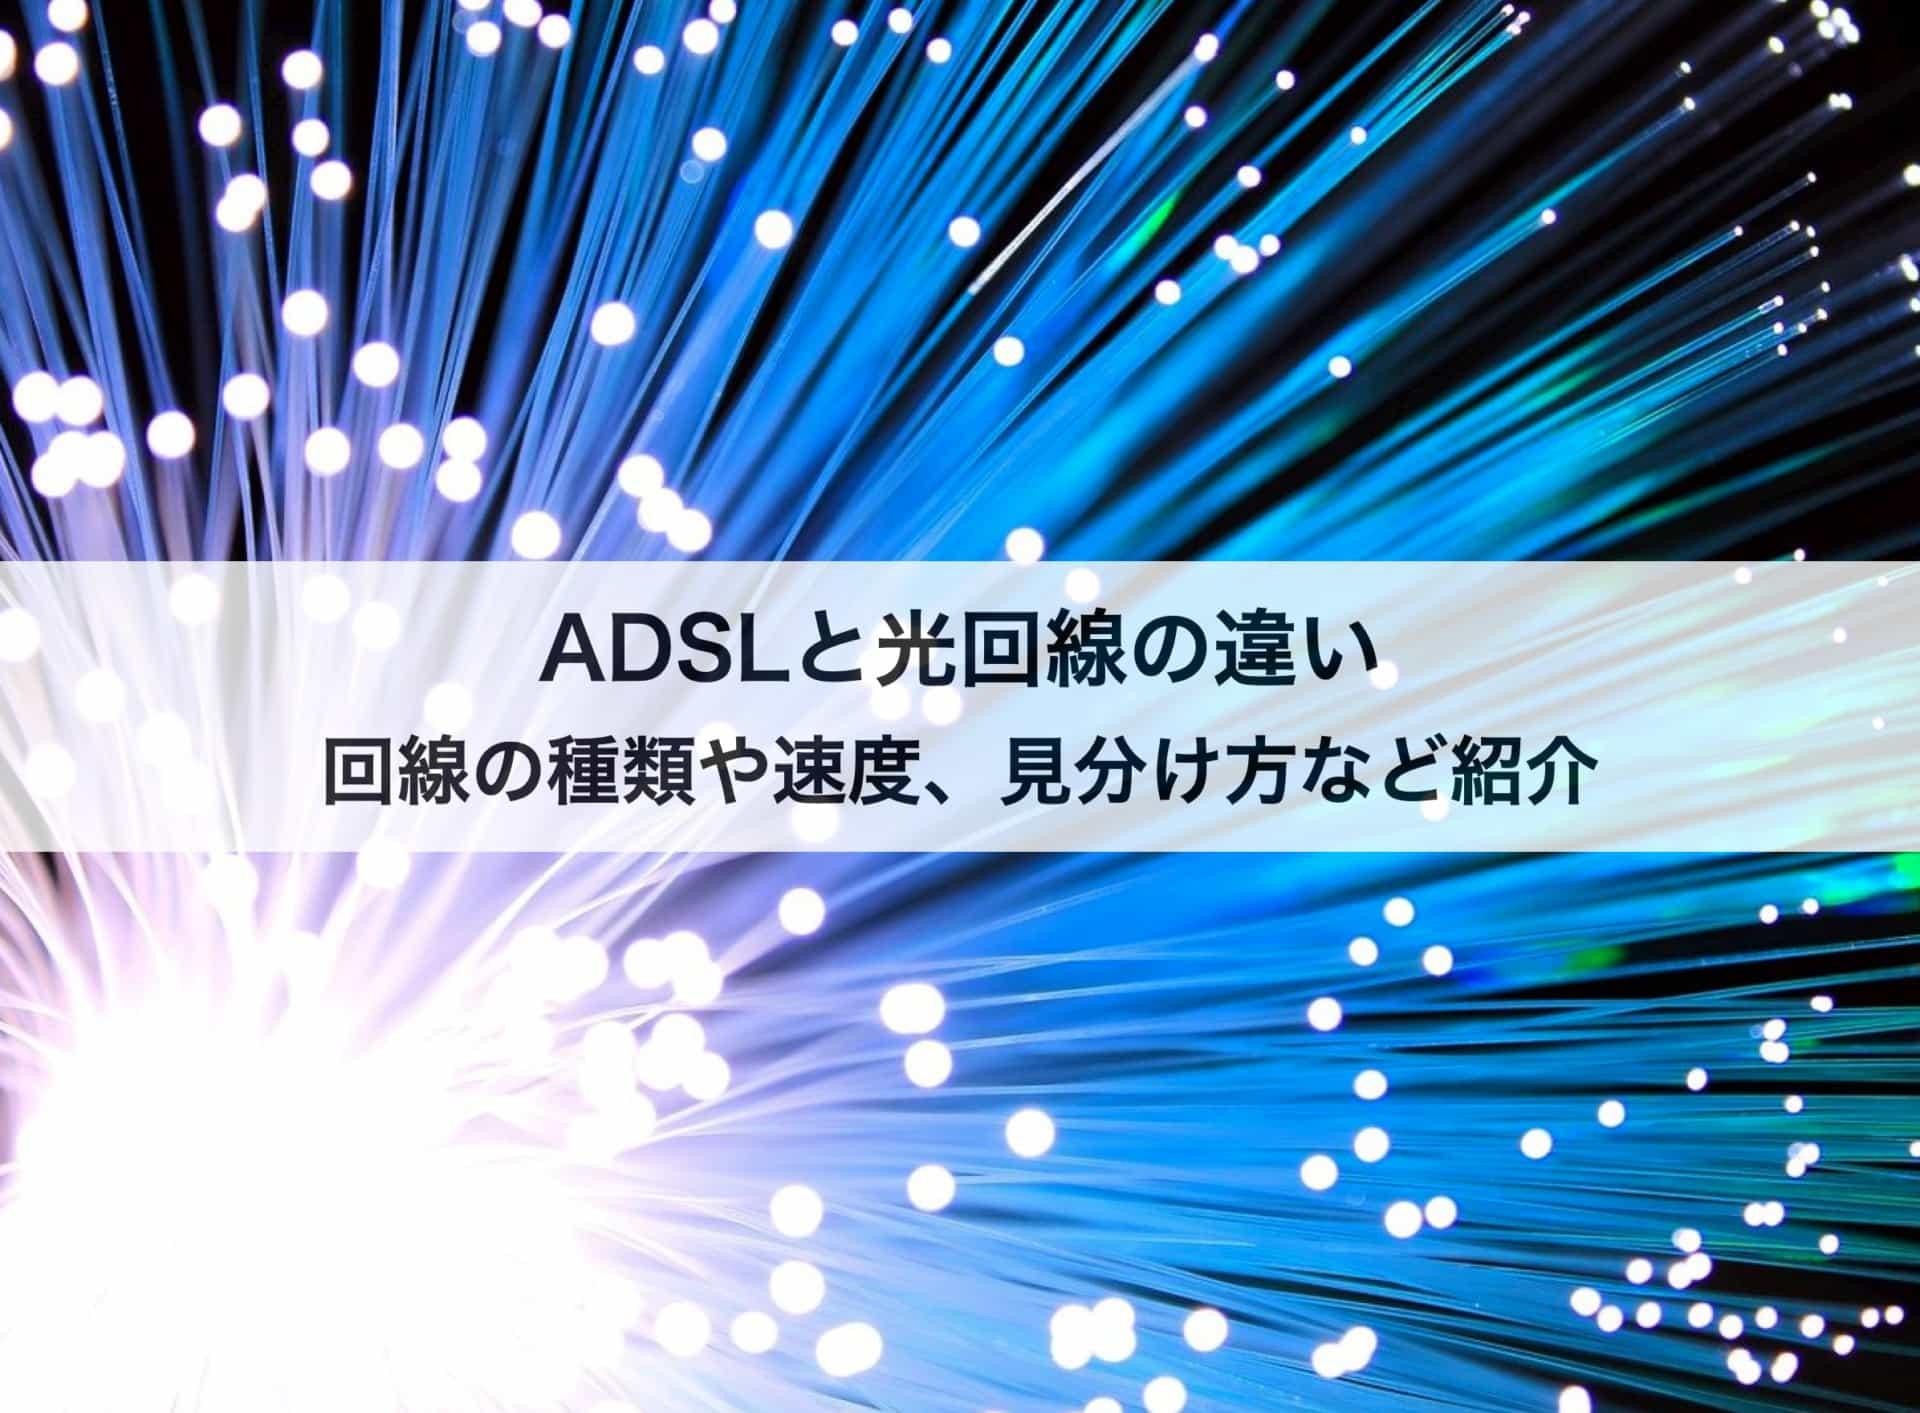 ADSLと光回線の違いとは?回線の種類や速度、見分け方などを紹介します!